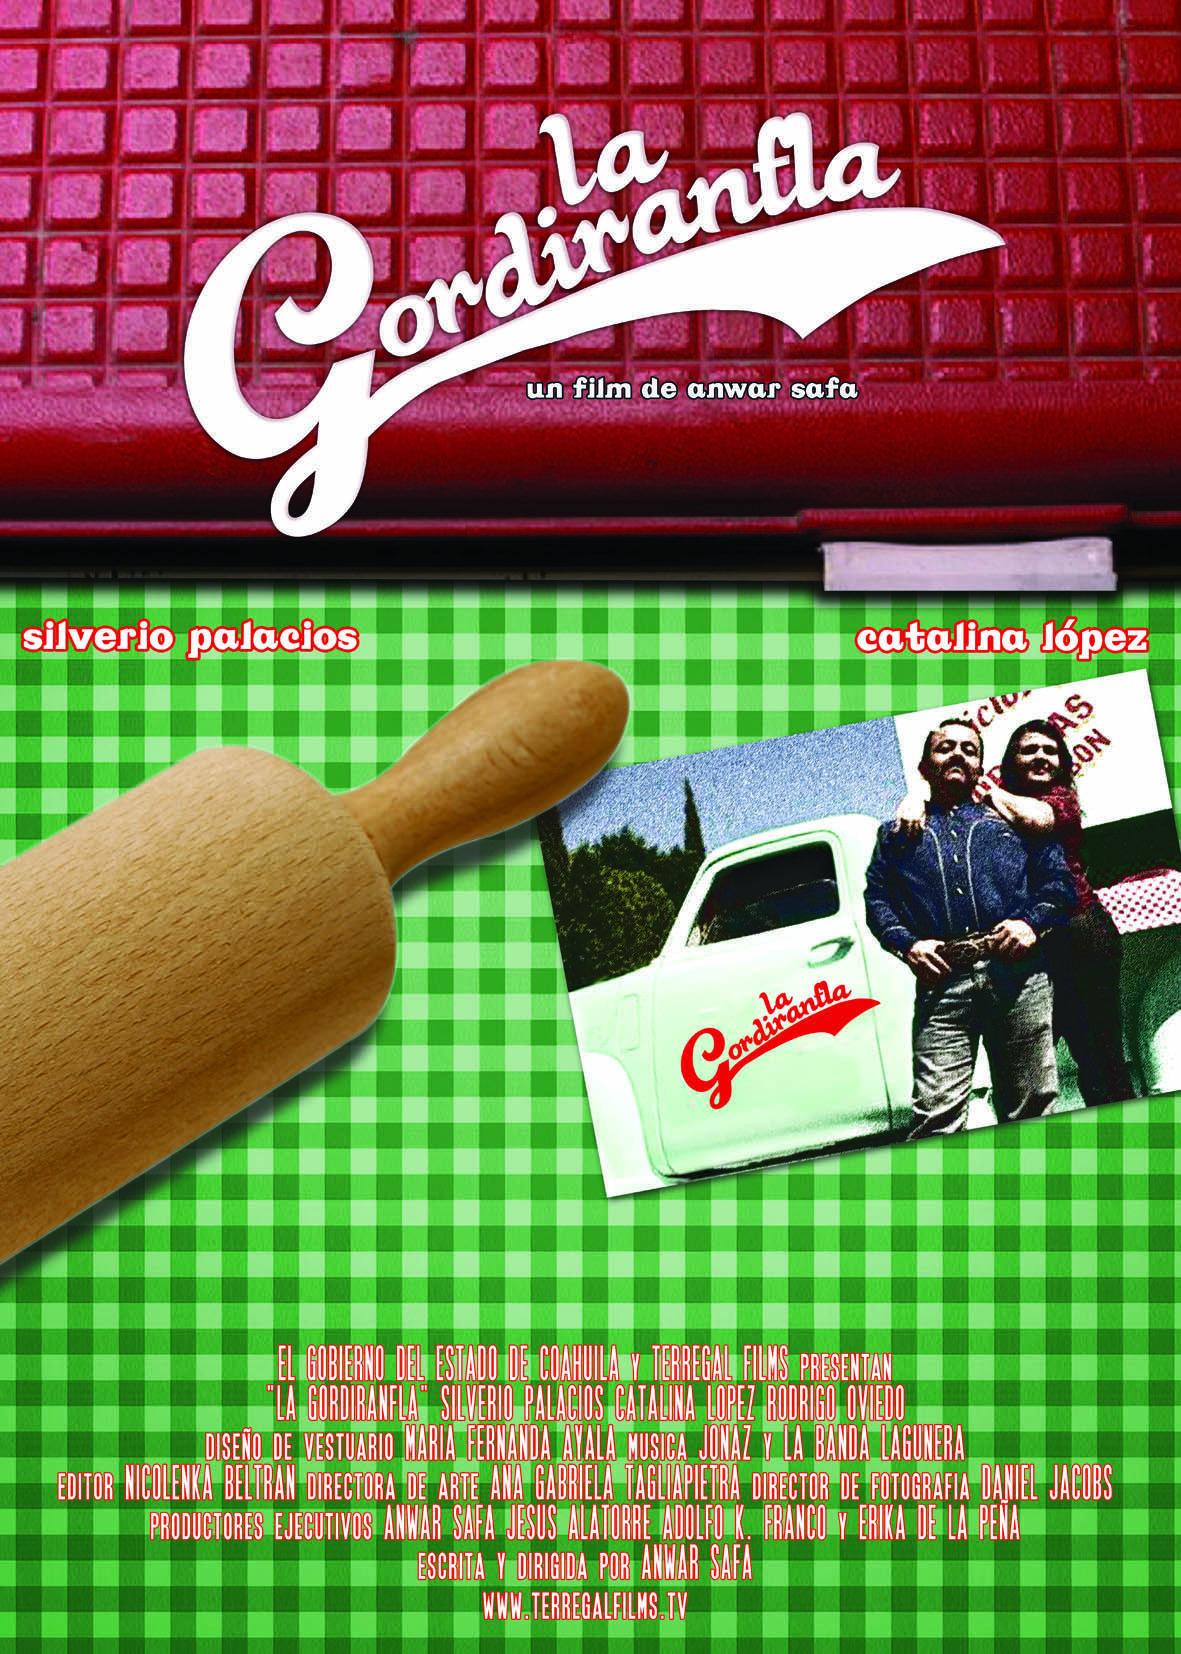 La gordiranfla (2008)